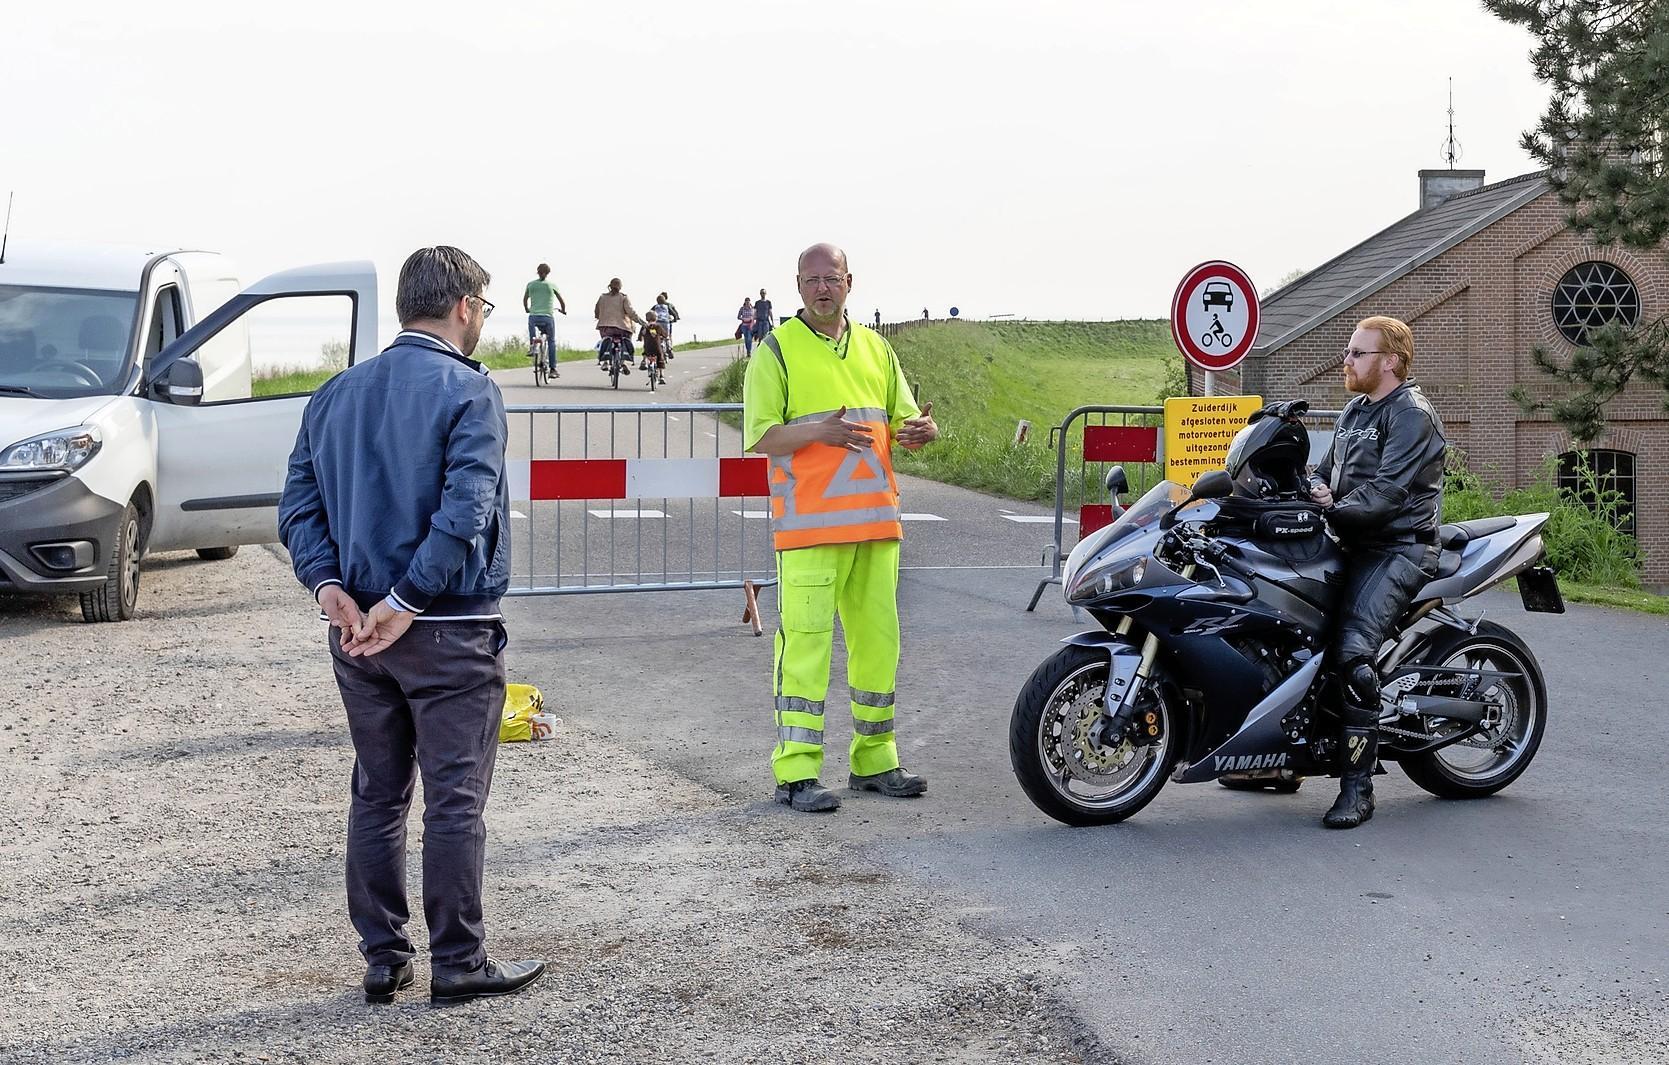 Meeste motorrijders tonen begrip voor afsluiting Zuiderdijk in West-Friesland: 'Mogen wij dan volgende week?'